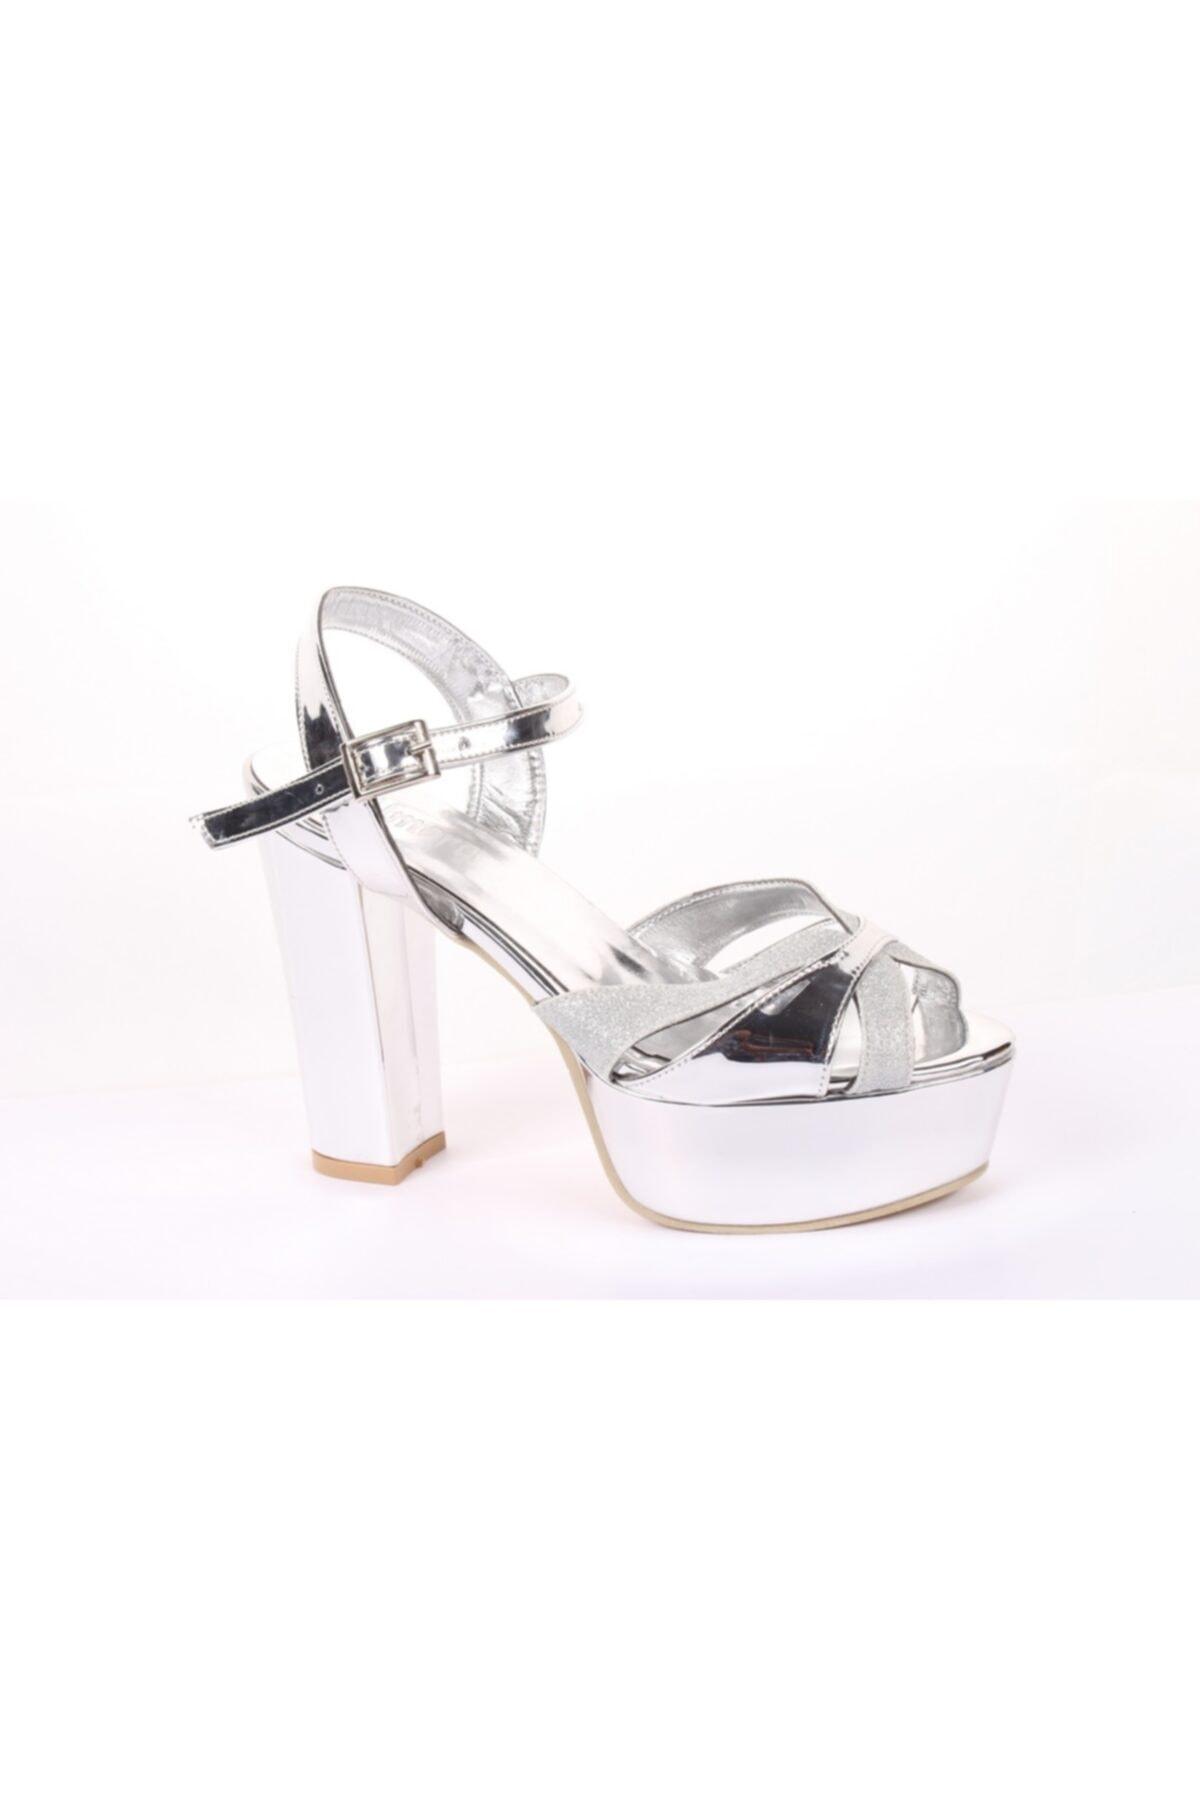 Almera 509-19p Kadın Günlük Ayakkabı 1